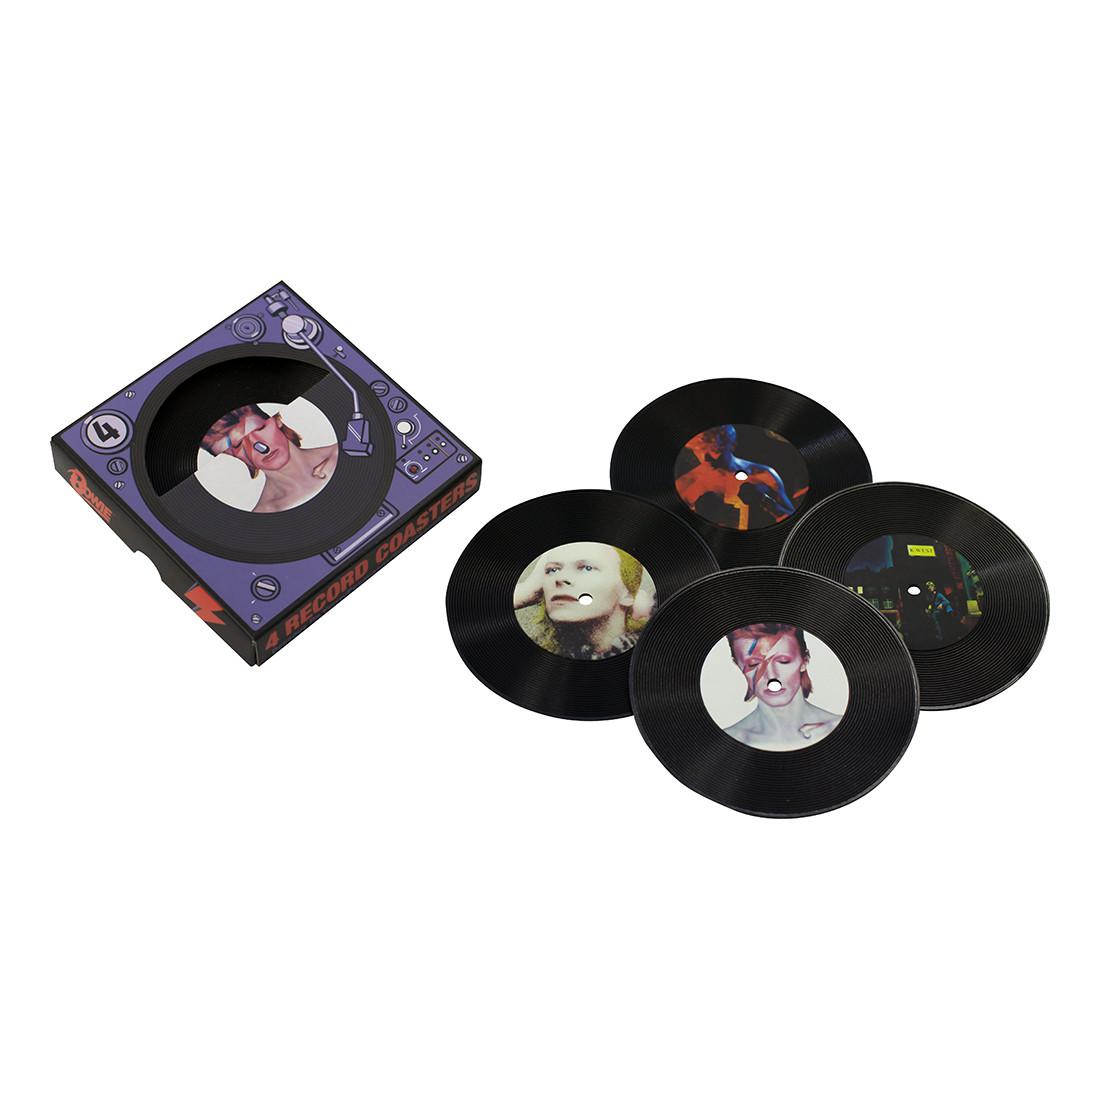 David Bowie Records Coaster Set